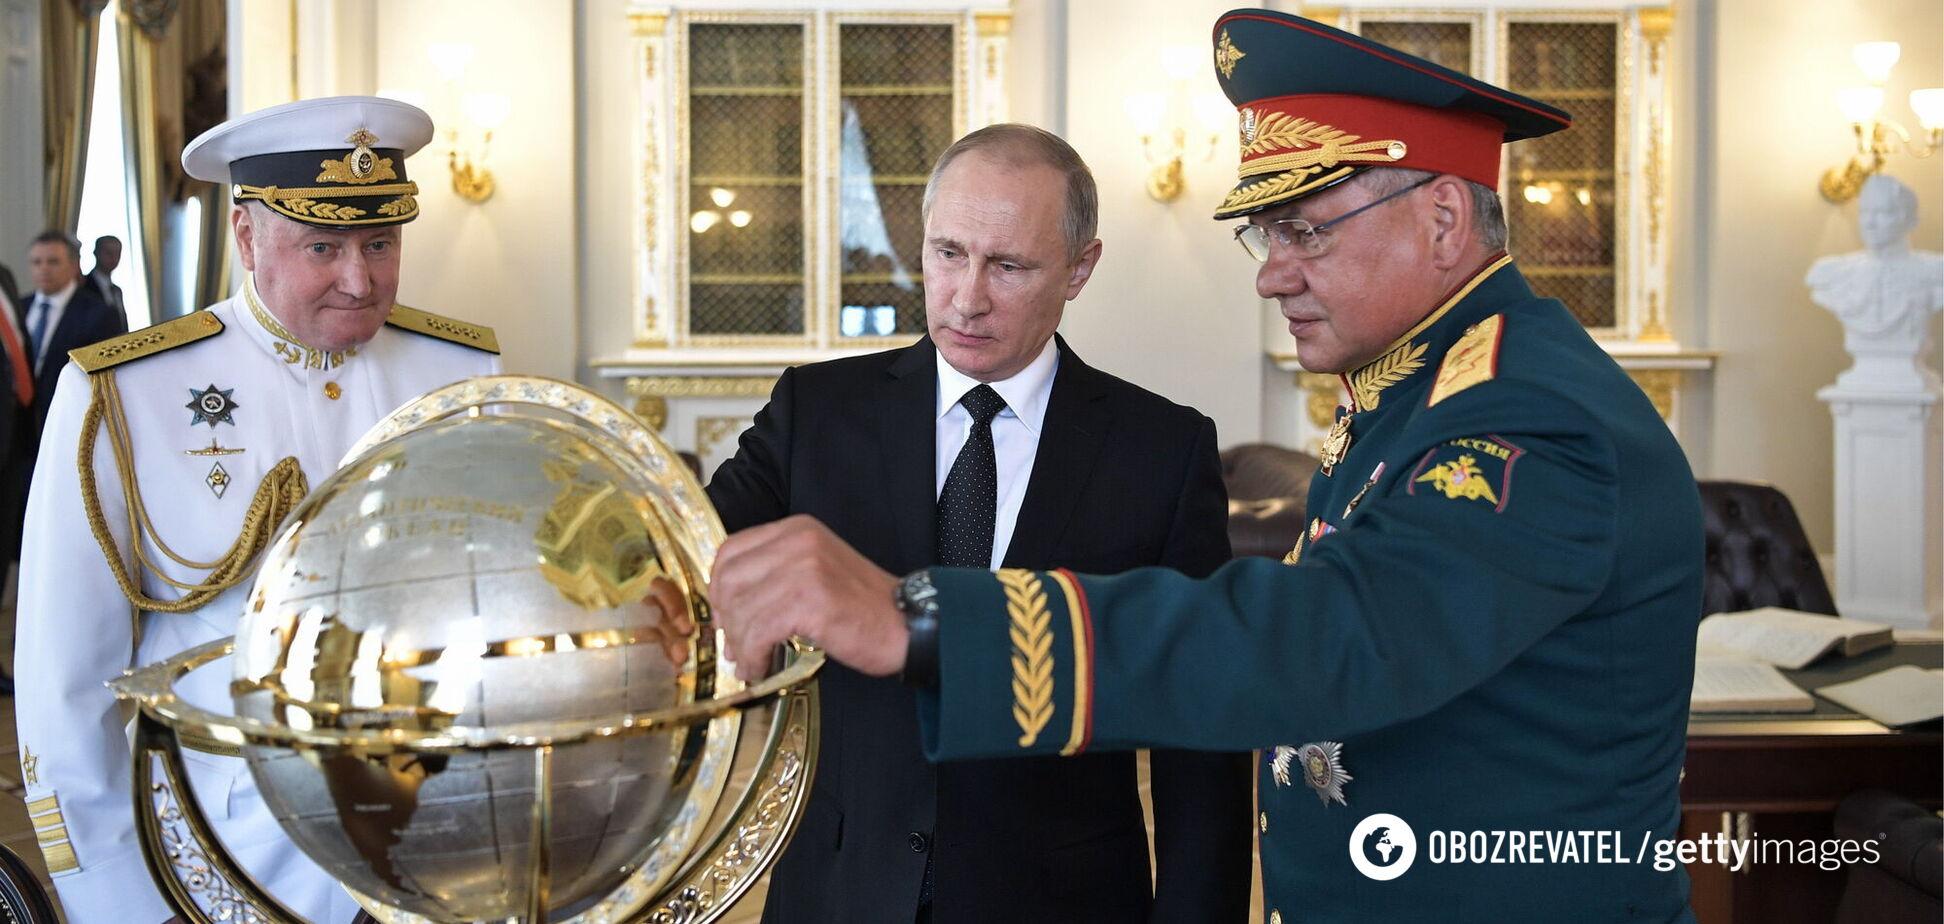 Гордон про армію Путіна: недостатньо сильна, щоб окупувати всю Україну